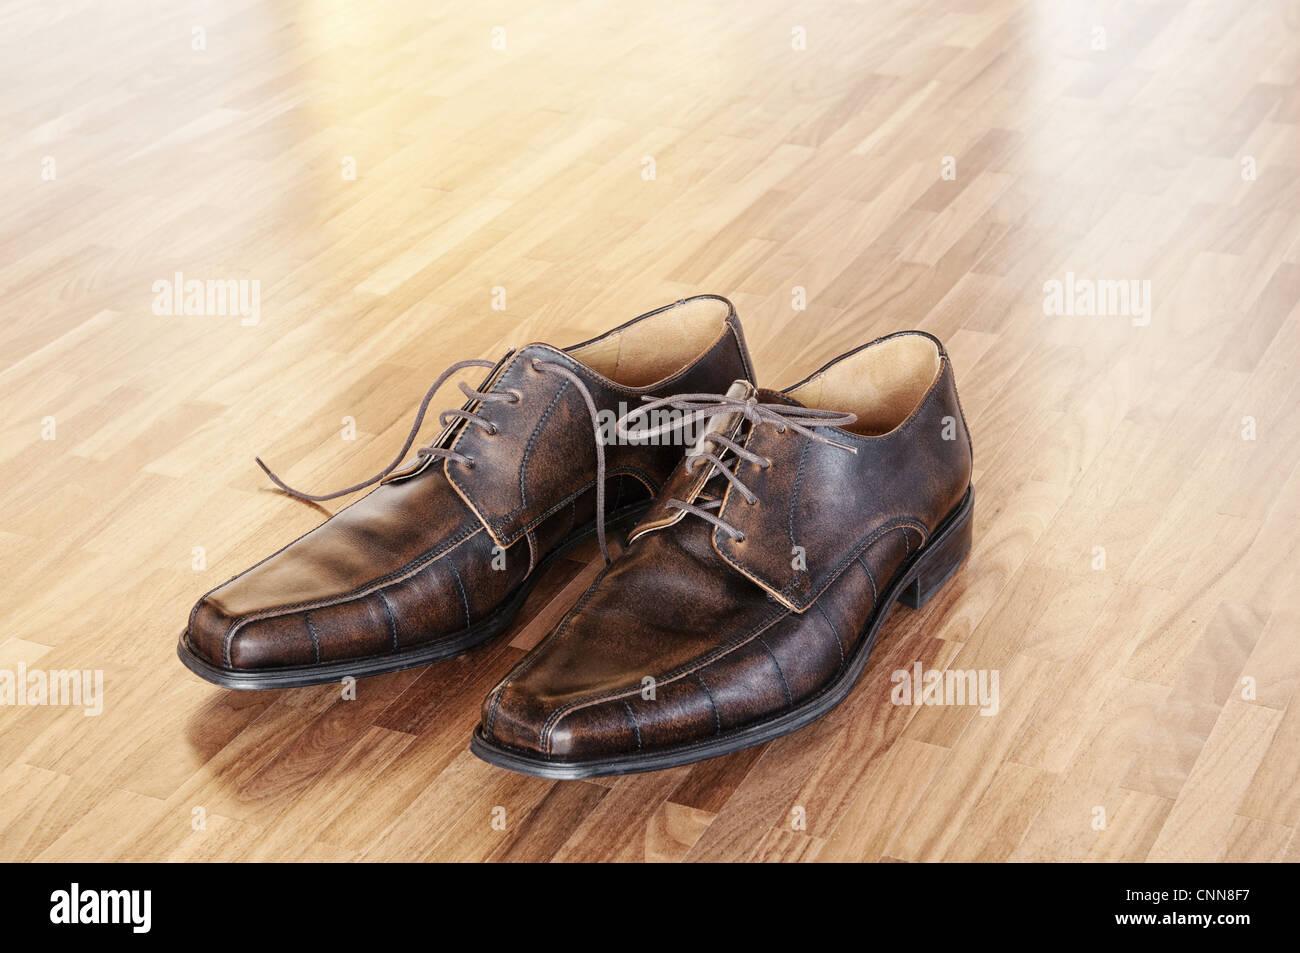 Ein paar braune Schuhe in einem Wohngebäude. Stockbild